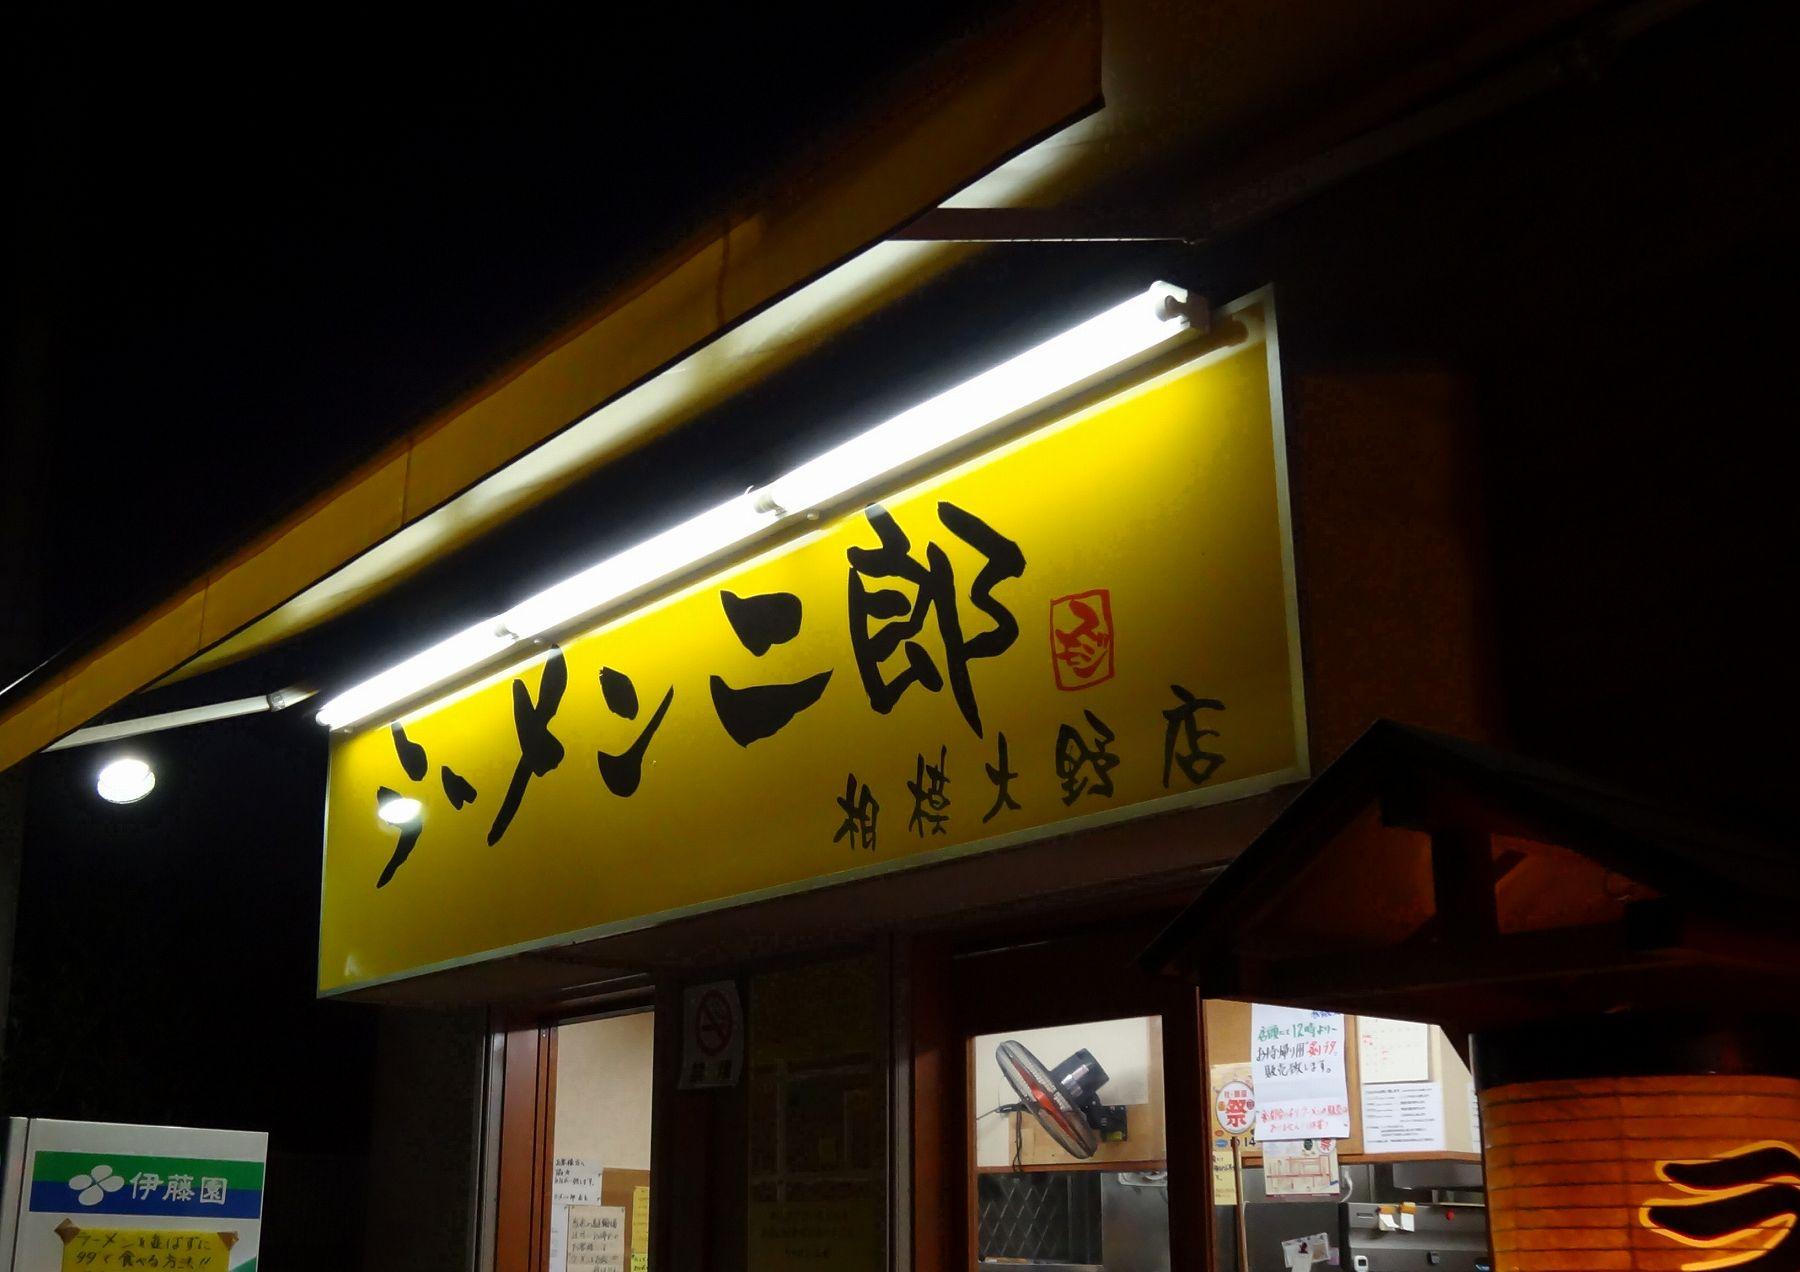 20121009006sumoji.jpg